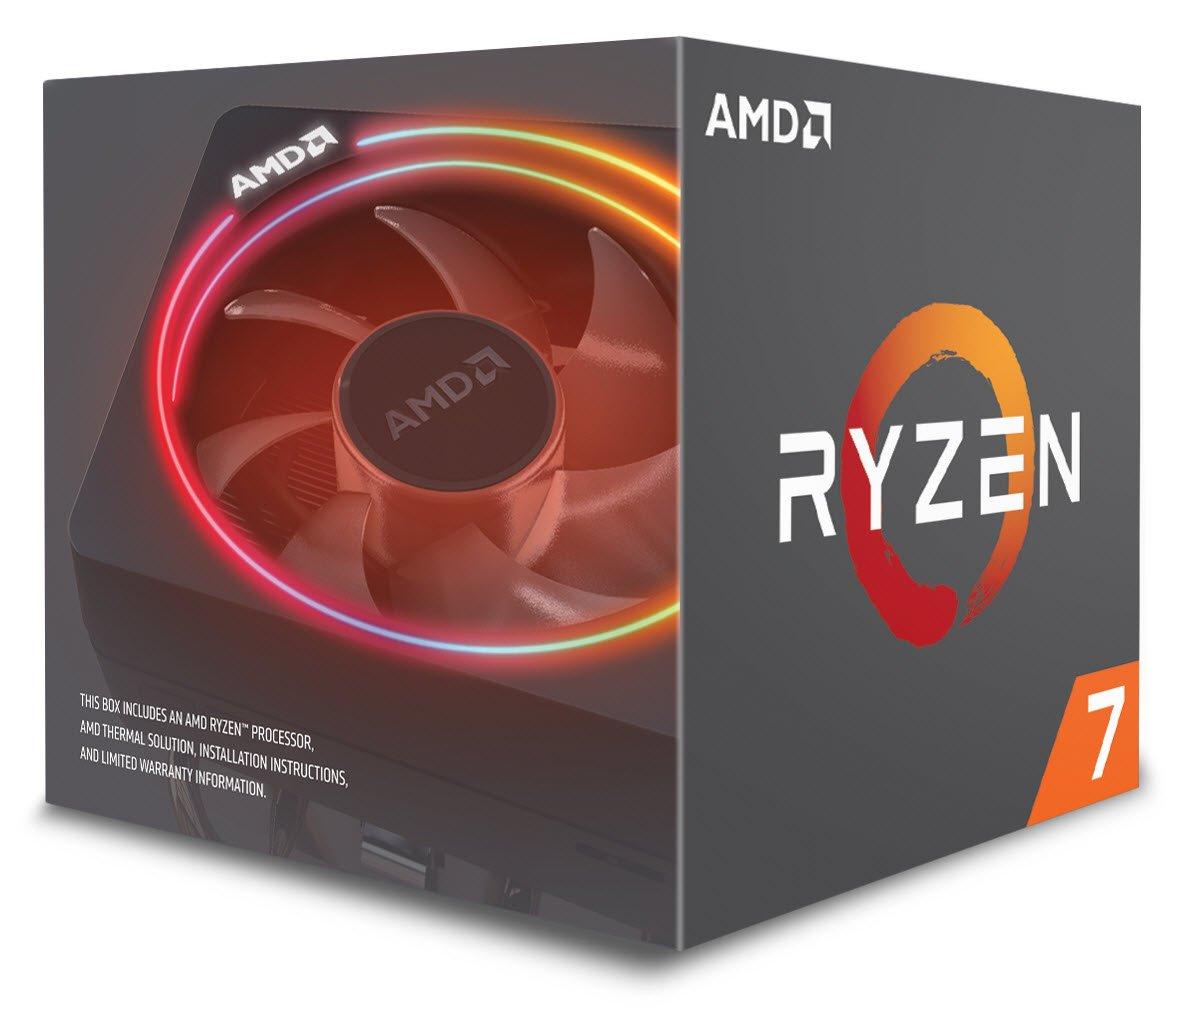 AMD Ryzen 7 2700X - Procesador con disipador de calor Wraith Prism (16 MB, 8 núcleos, velocidad de 4.35 GhZ, 105 W)